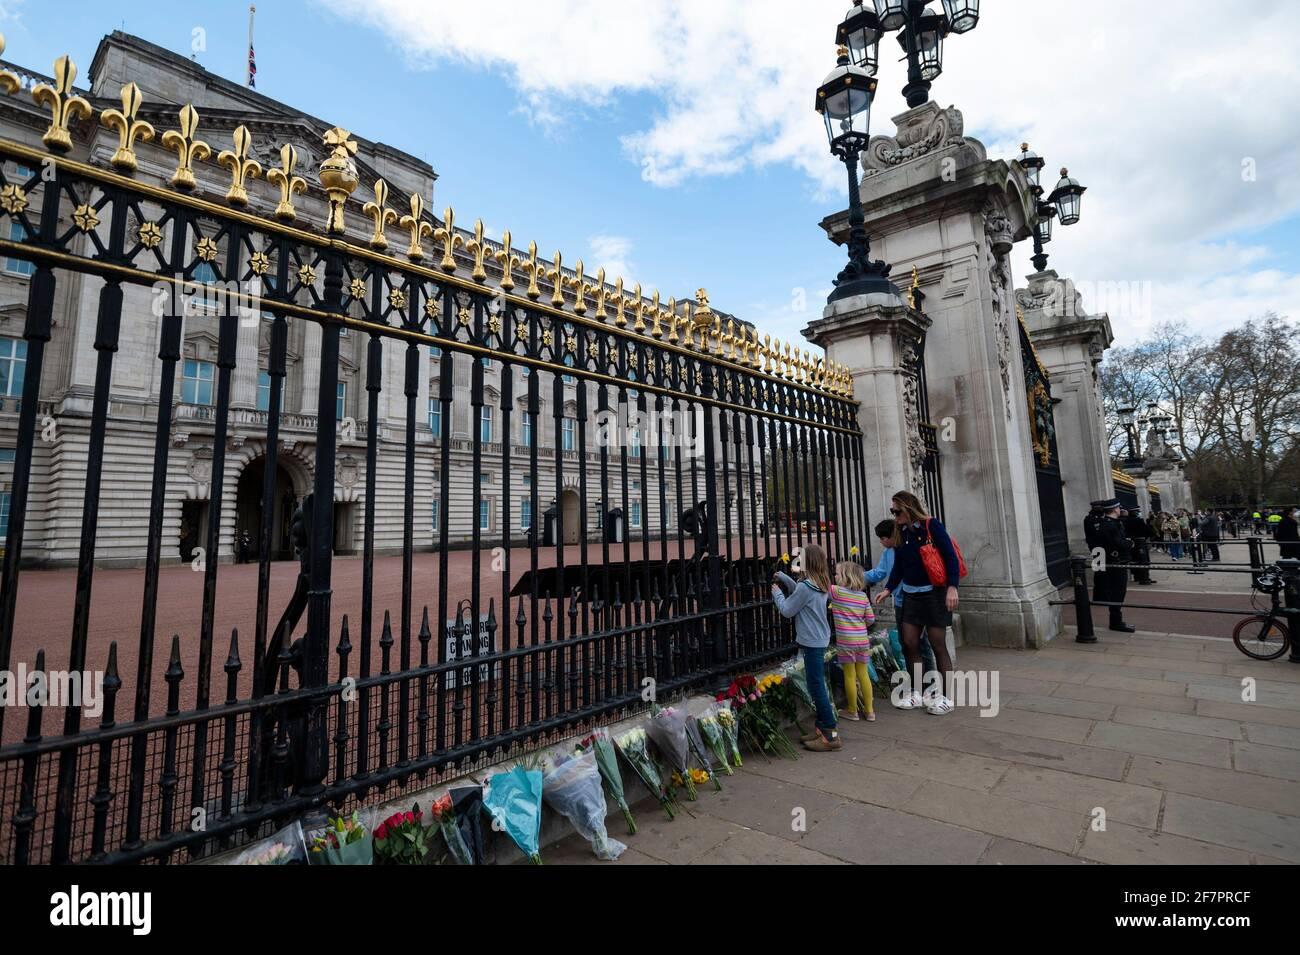 Londres, Royaume-Uni. 9 avril 2021. Les adeptes laissent des fleurs à l'extérieur du palais de Buckingham après l'annonce de la mort du prince Philippe, âgé de 99 ans. Crédit : Stephen Chung/Alay Live News Banque D'Images